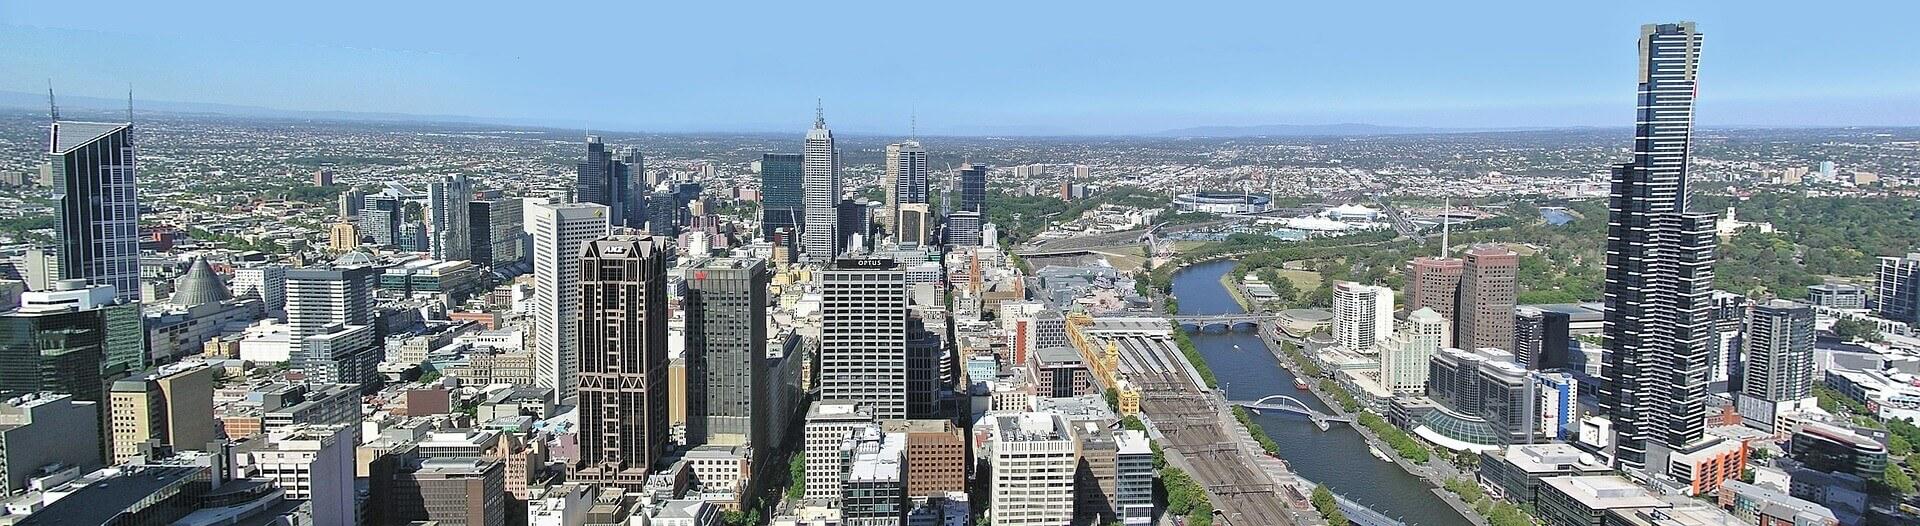 CURSOS DE INGLÉS EN MELBOURNE – AUSTRALIA | EDIC